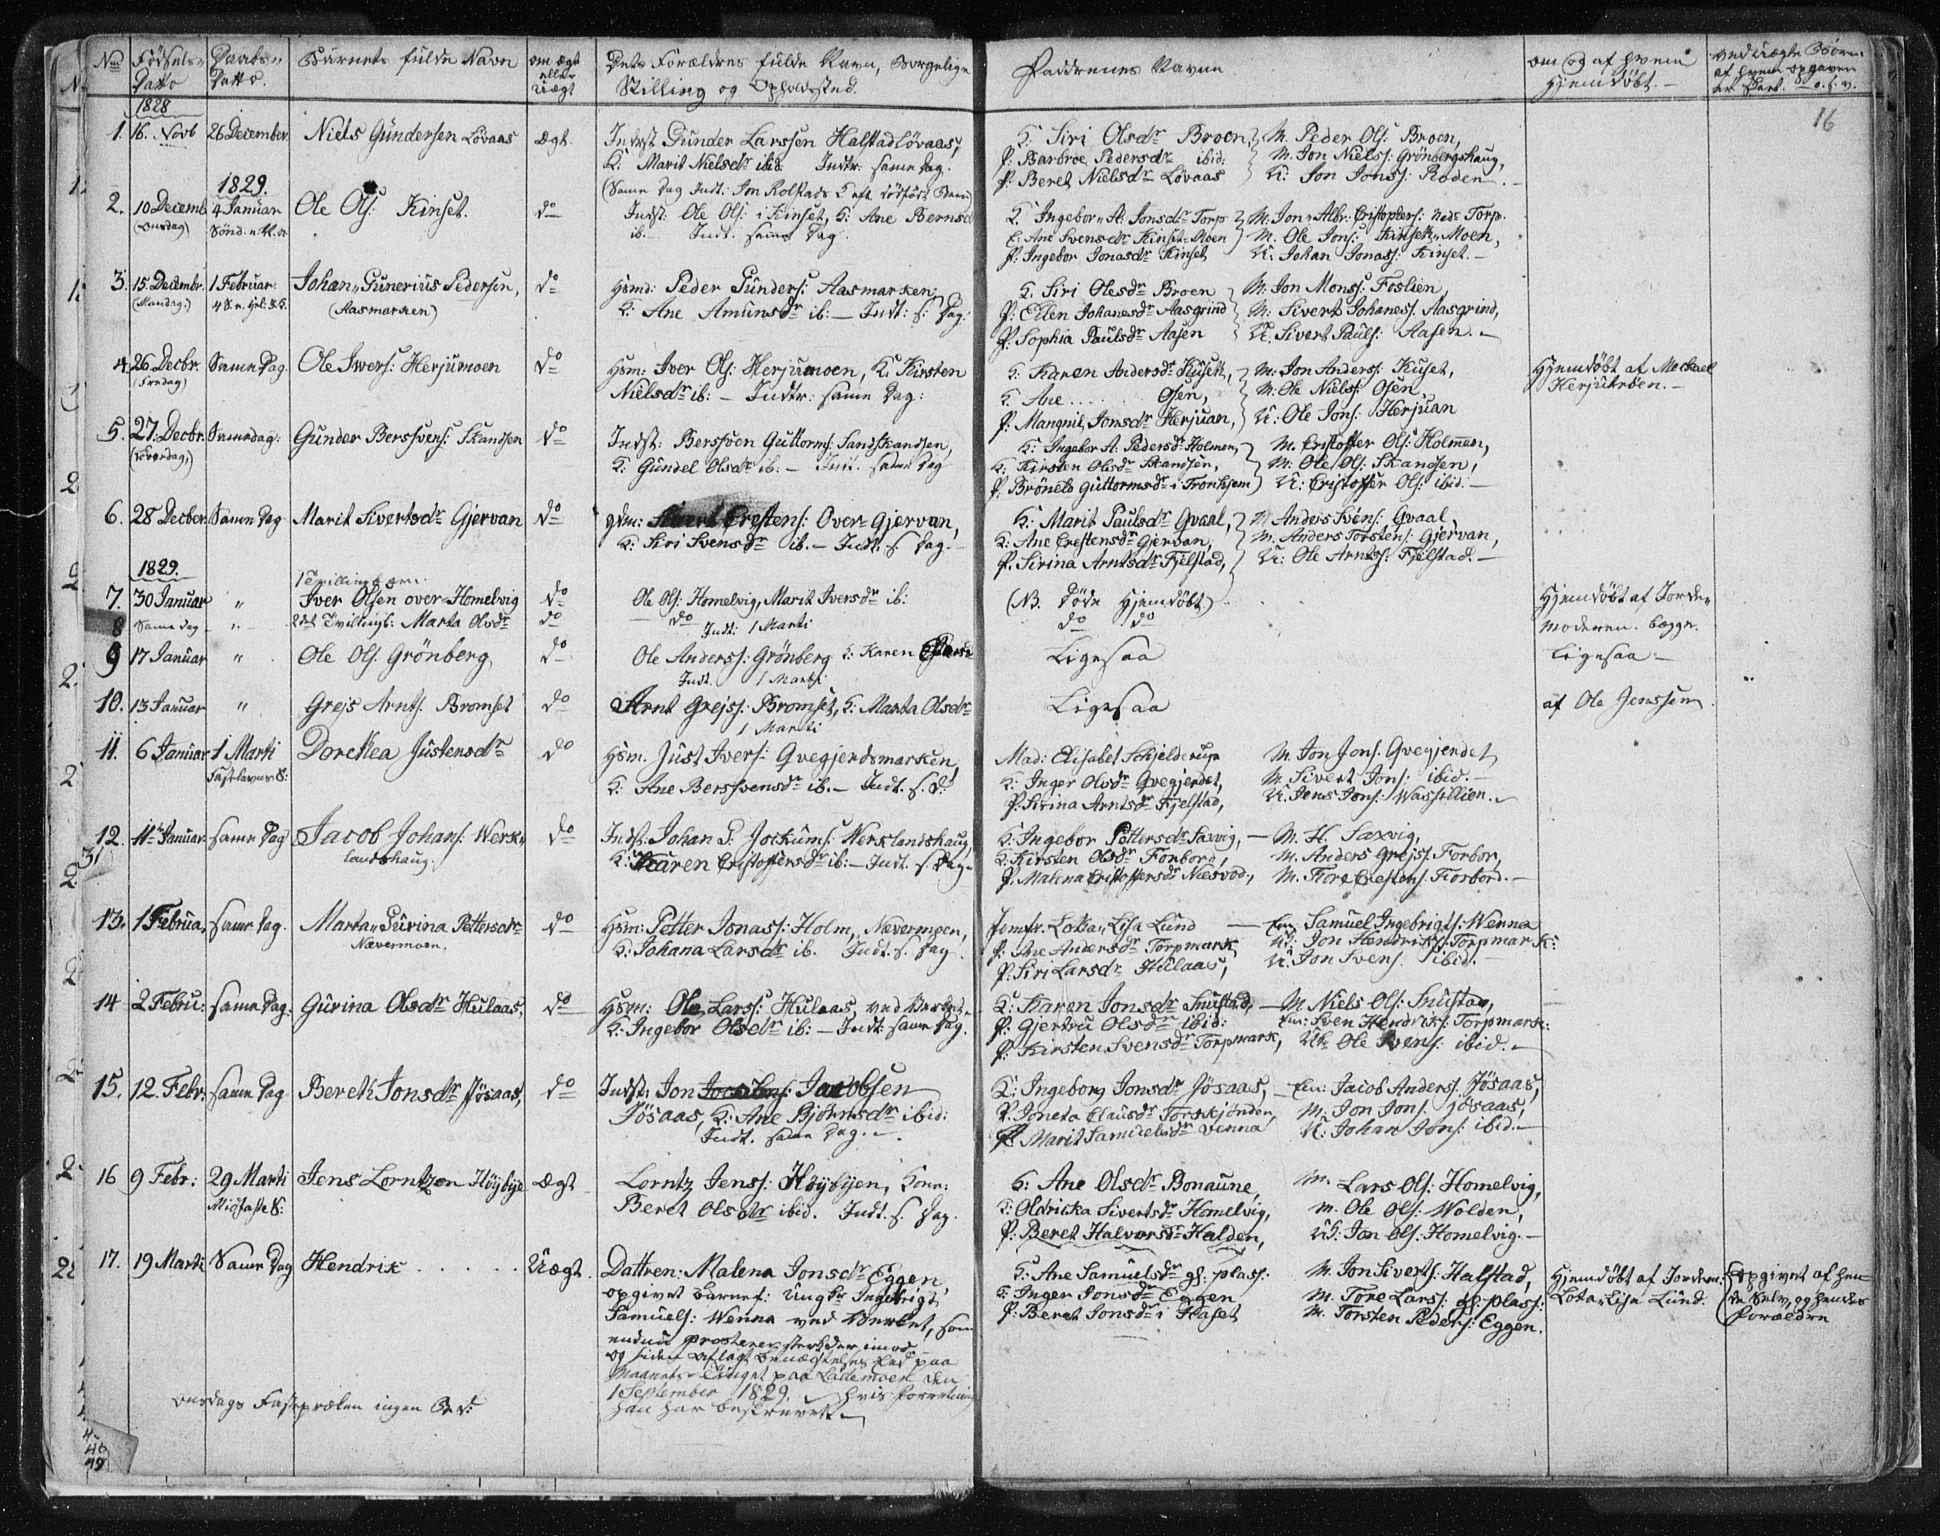 SAT, Ministerialprotokoller, klokkerbøker og fødselsregistre - Sør-Trøndelag, 616/L0404: Ministerialbok nr. 616A01, 1823-1831, s. 16